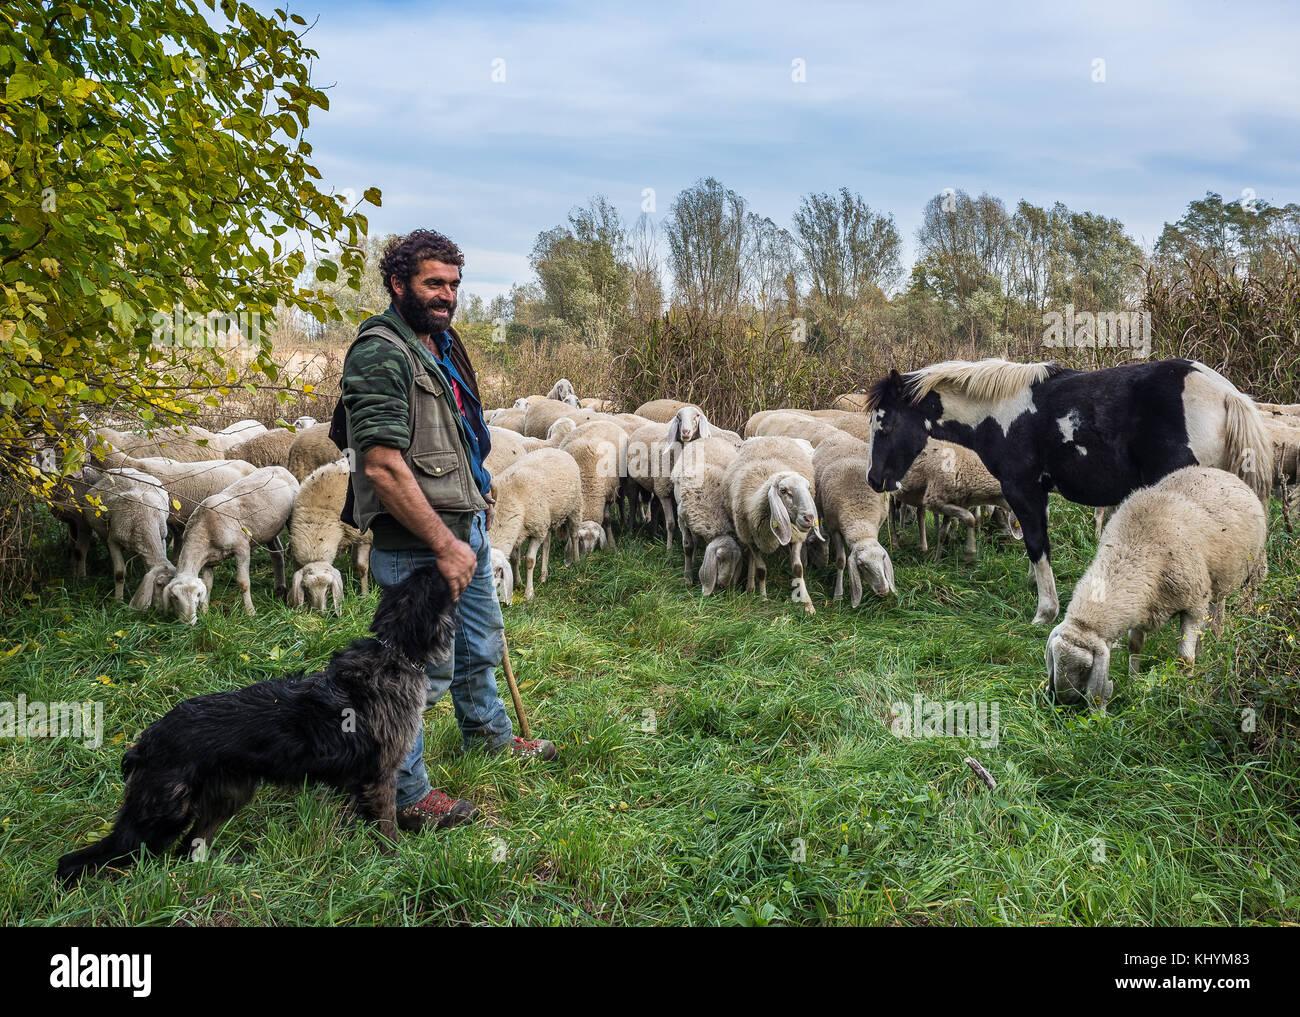 Reportage der Schafe - Landwirtschaft in der bergamasca Ebene. Brambilla Simone leben Nachrichten Stockbild